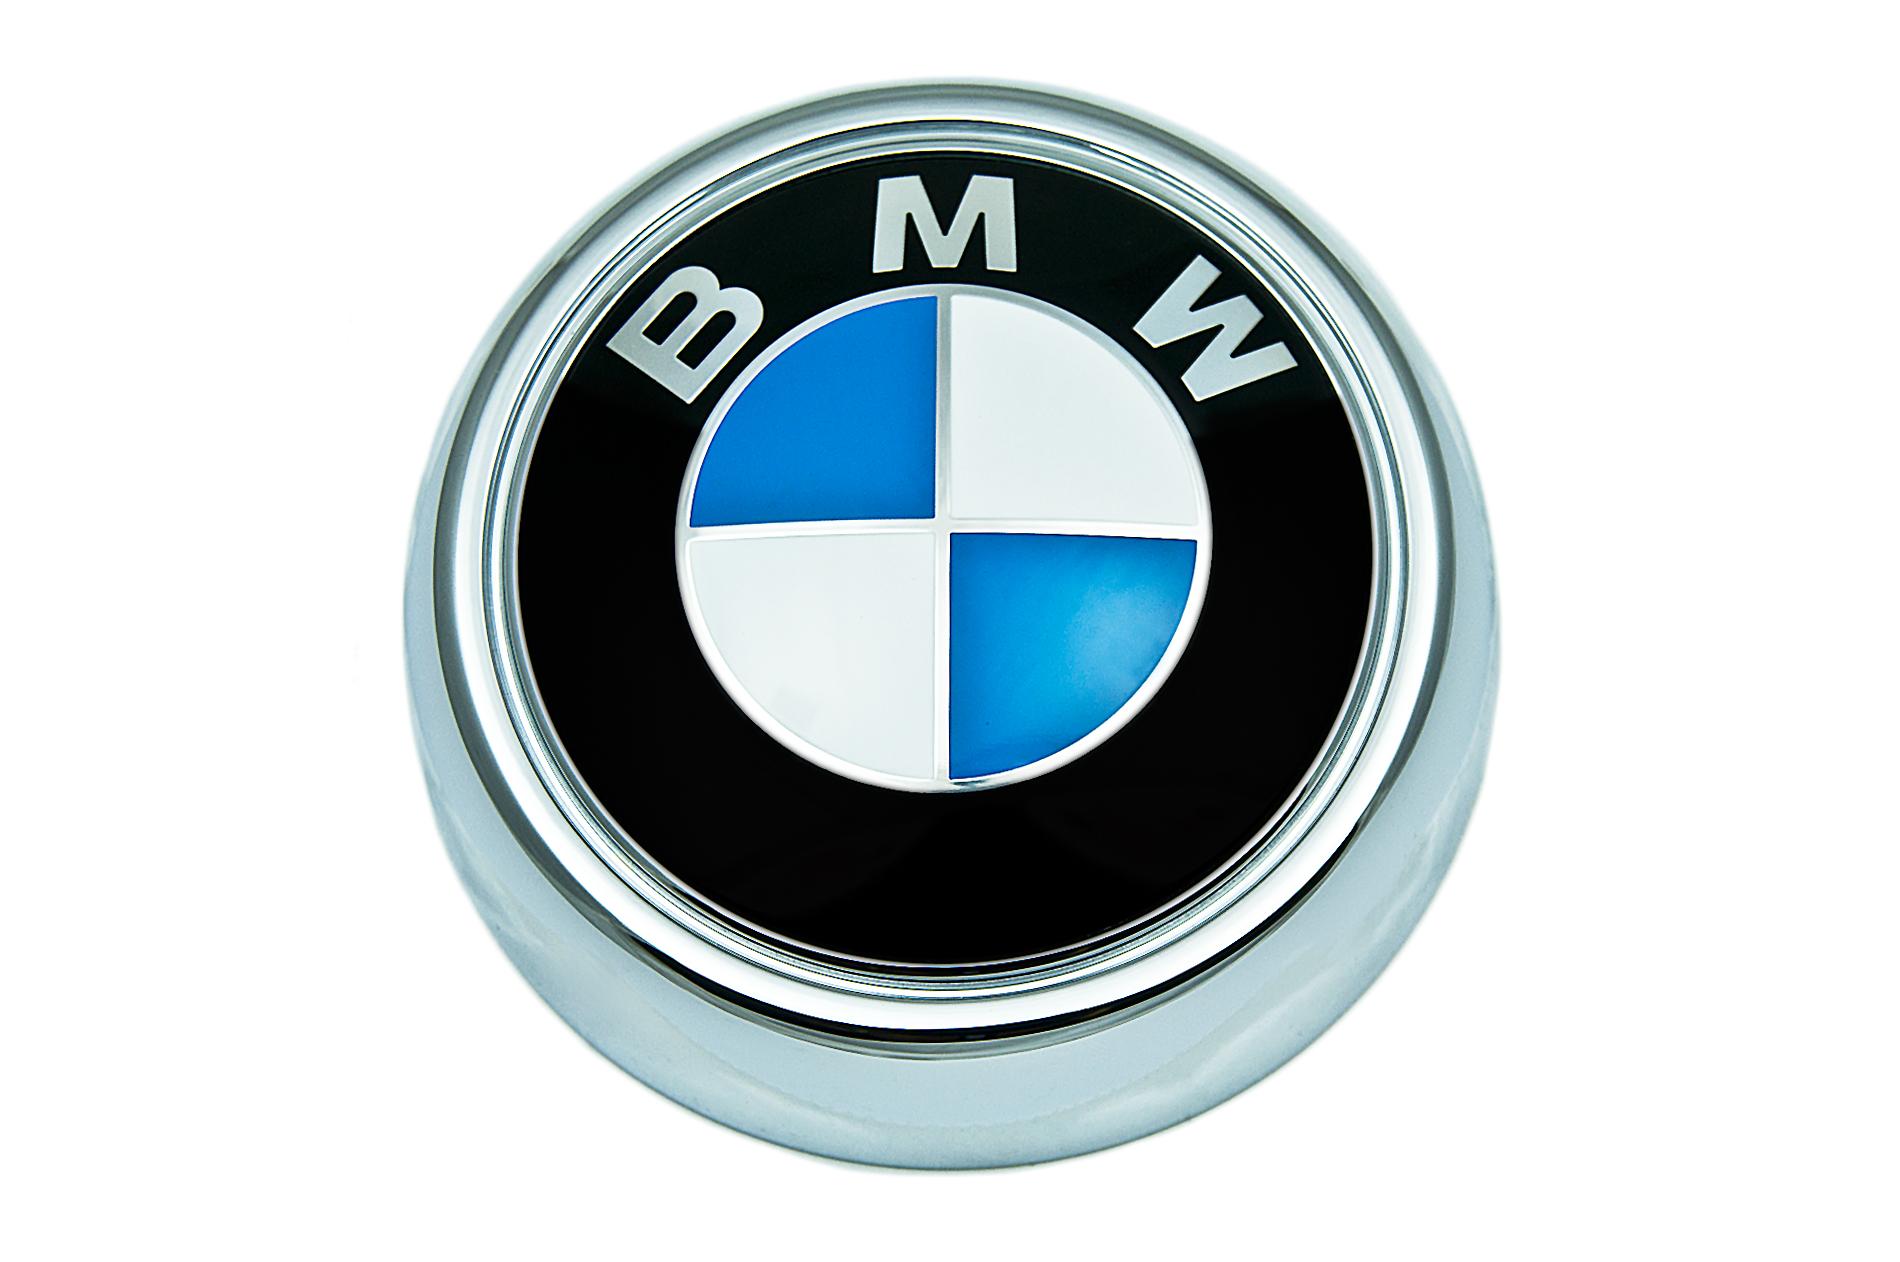 bmw genuine logo roundel rear boot trunk lid badge emblem. Black Bedroom Furniture Sets. Home Design Ideas